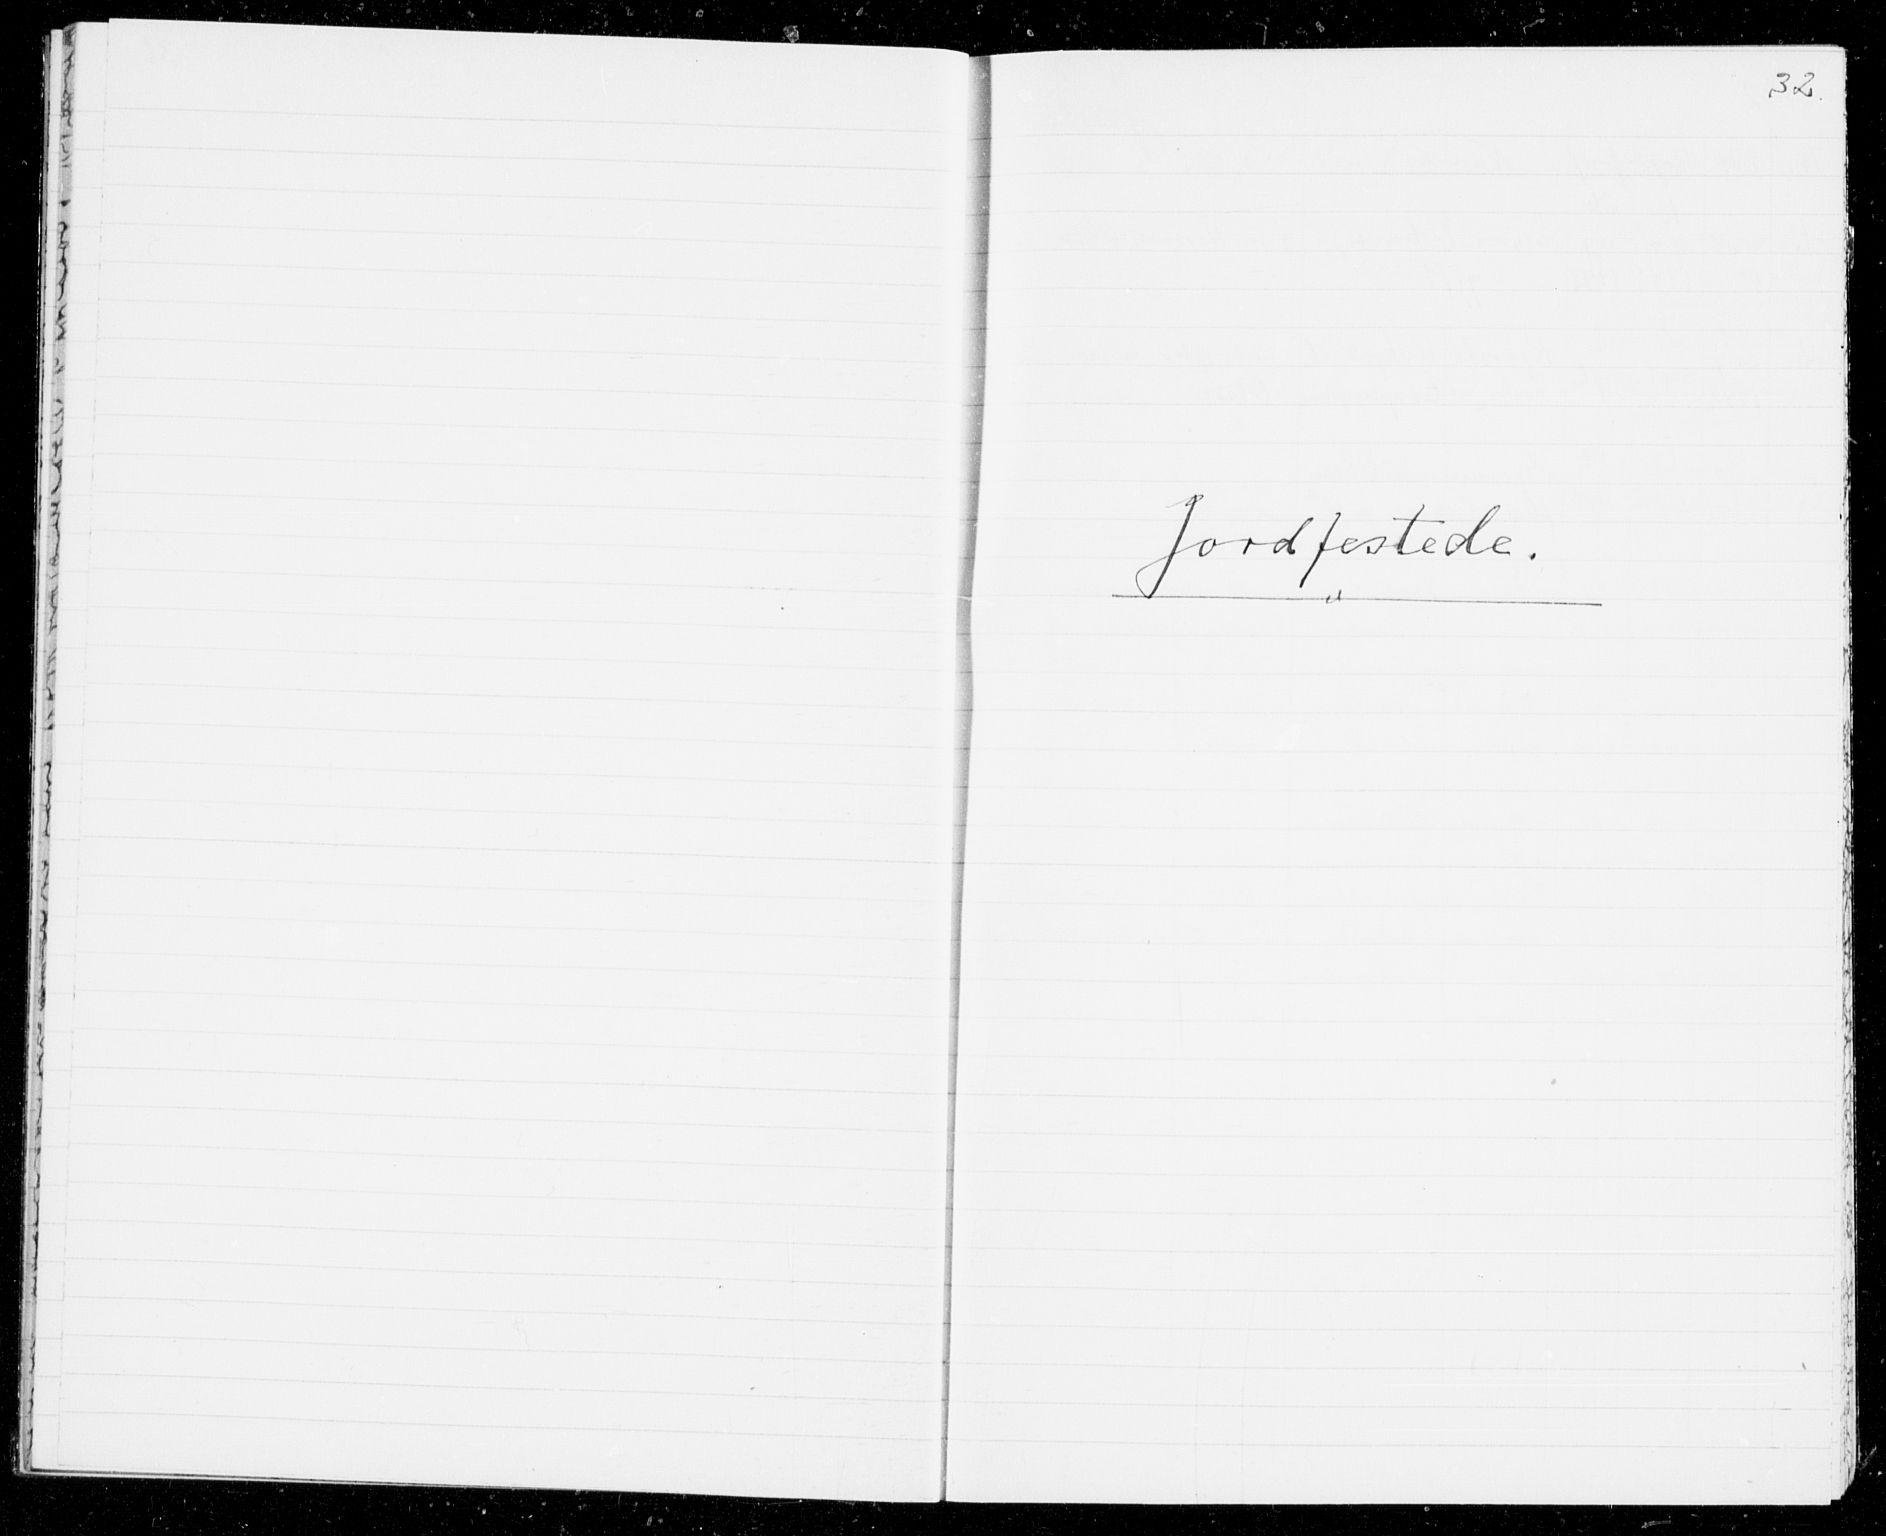 SAKO, Holla kirkebøker, G/Gb/L0004: Parish register (copy) no. II 4, 1942-1943, p. 32